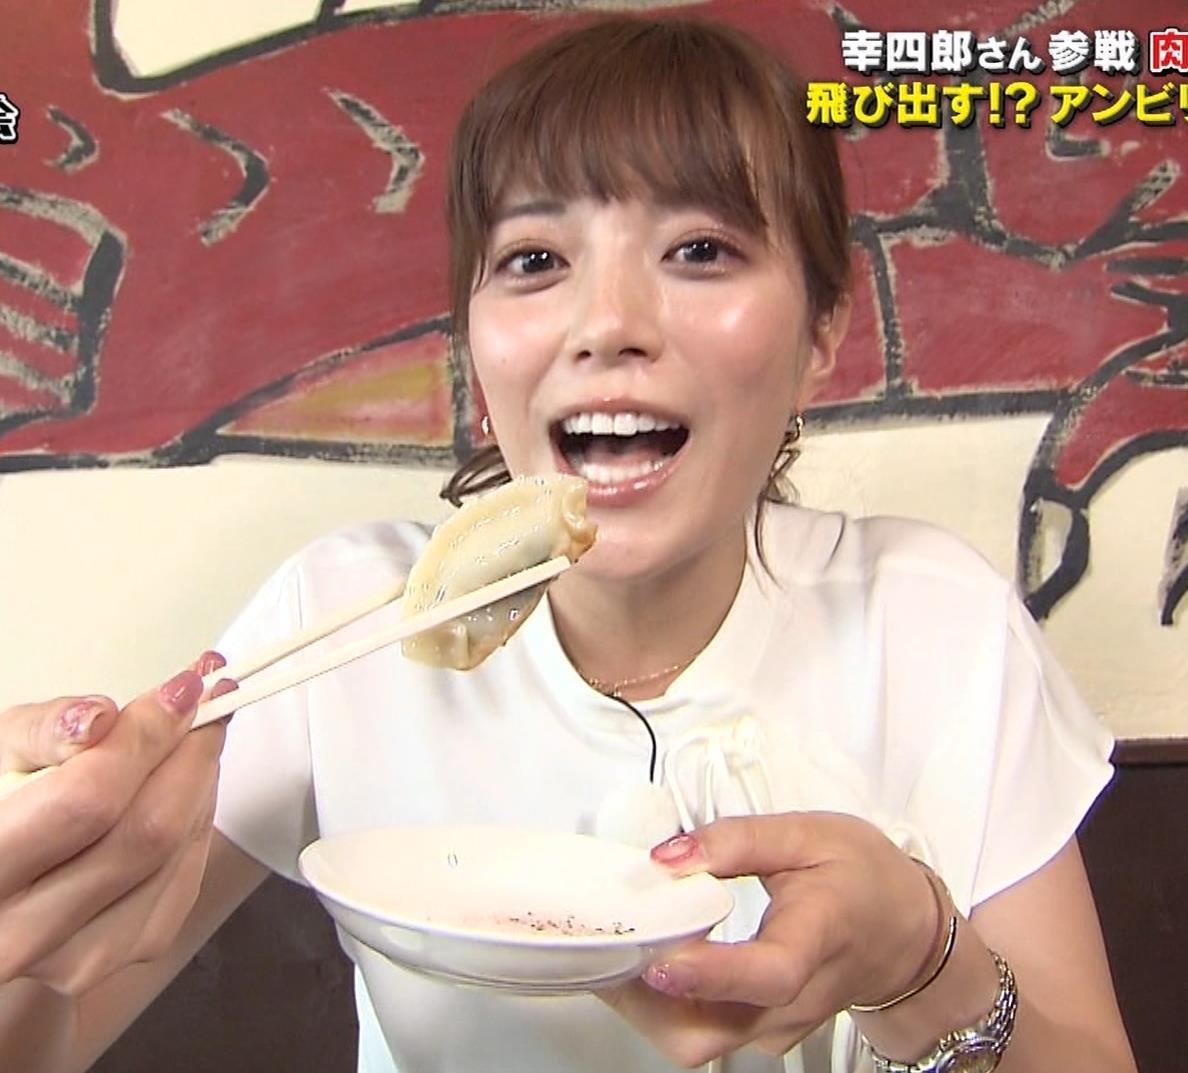 三谷紬アナ 疑似フェラで汁が飛び出るハプニングキャプ・エロ画像4